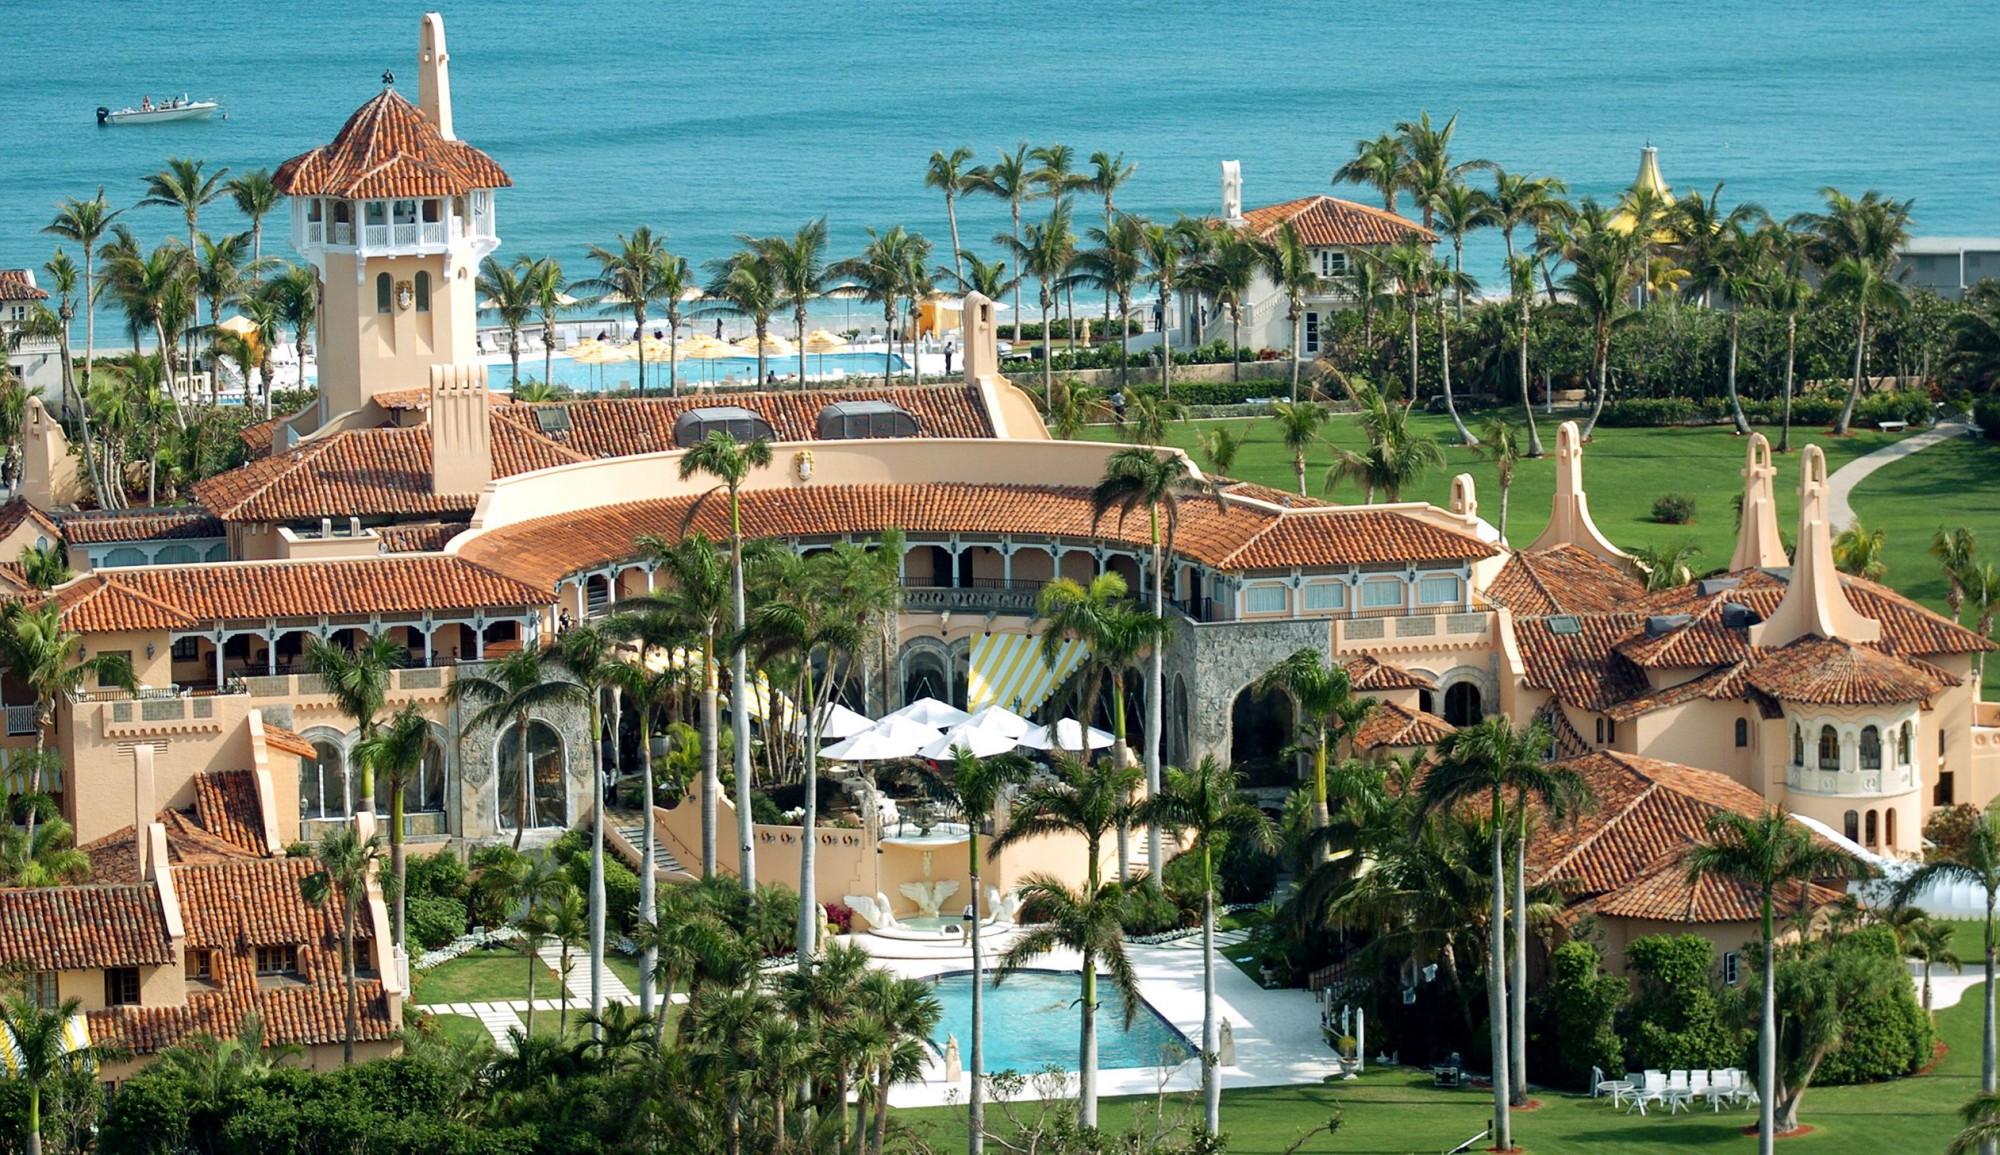 Mansão Mar-a-Largo (Palm Beach) – Valor: 200 milhões de euros